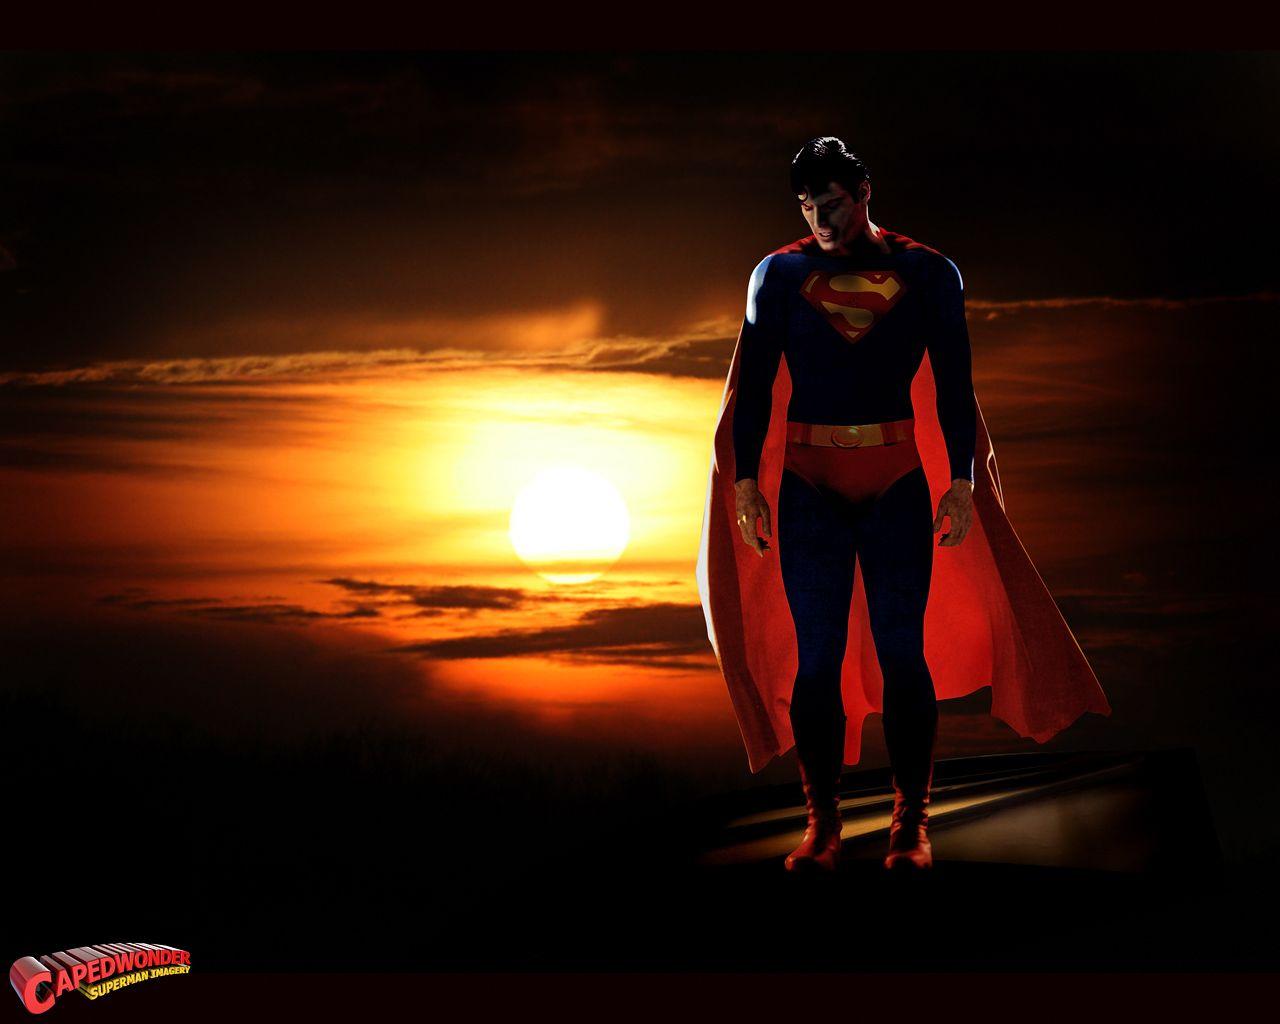 Evil Superman Wallpaper Desktop (With images) Superman